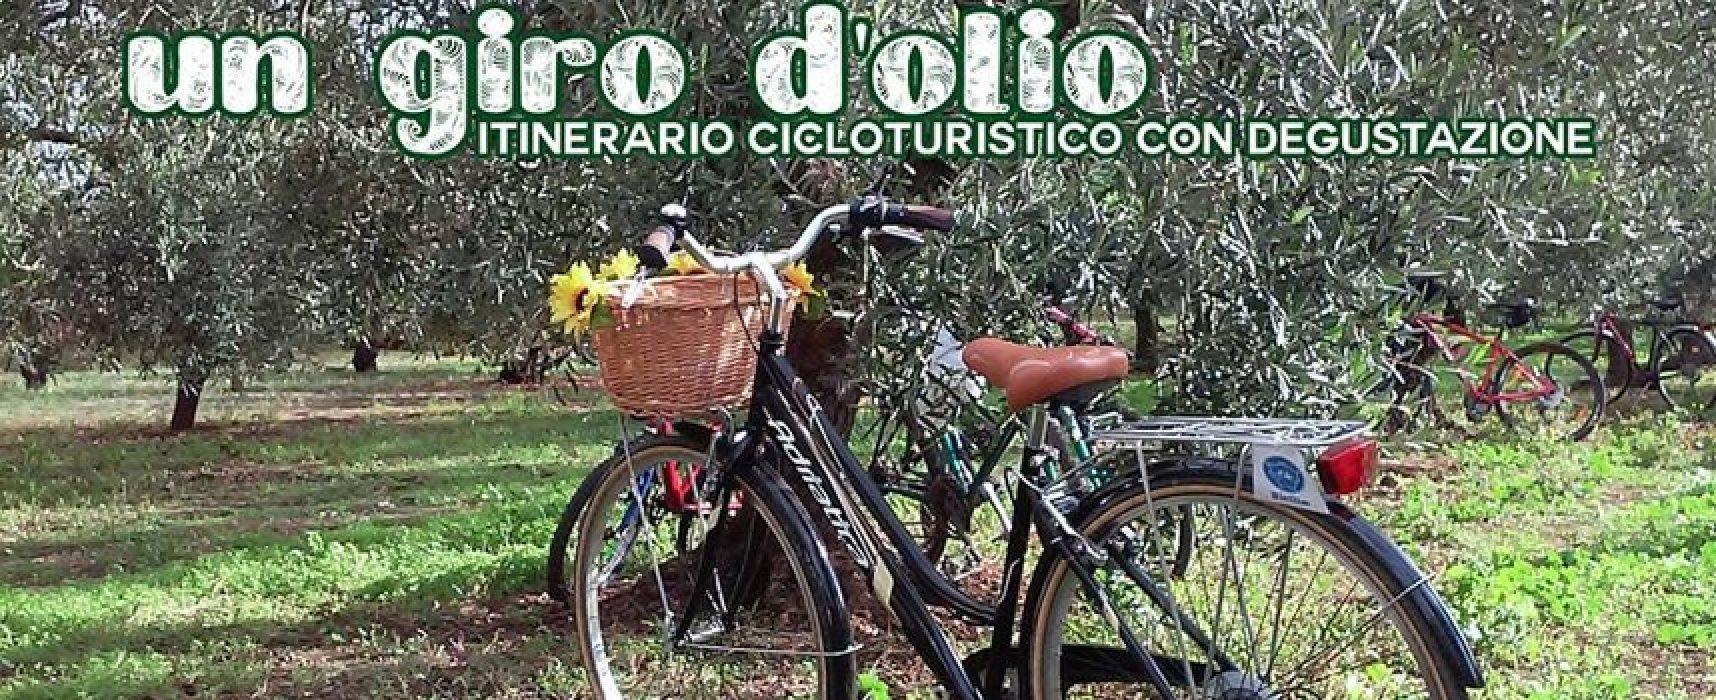 """""""Un giro d'olio"""", ciclotour per riscoprire l'ulivo e il suo frutto organizzato da Biciliae"""